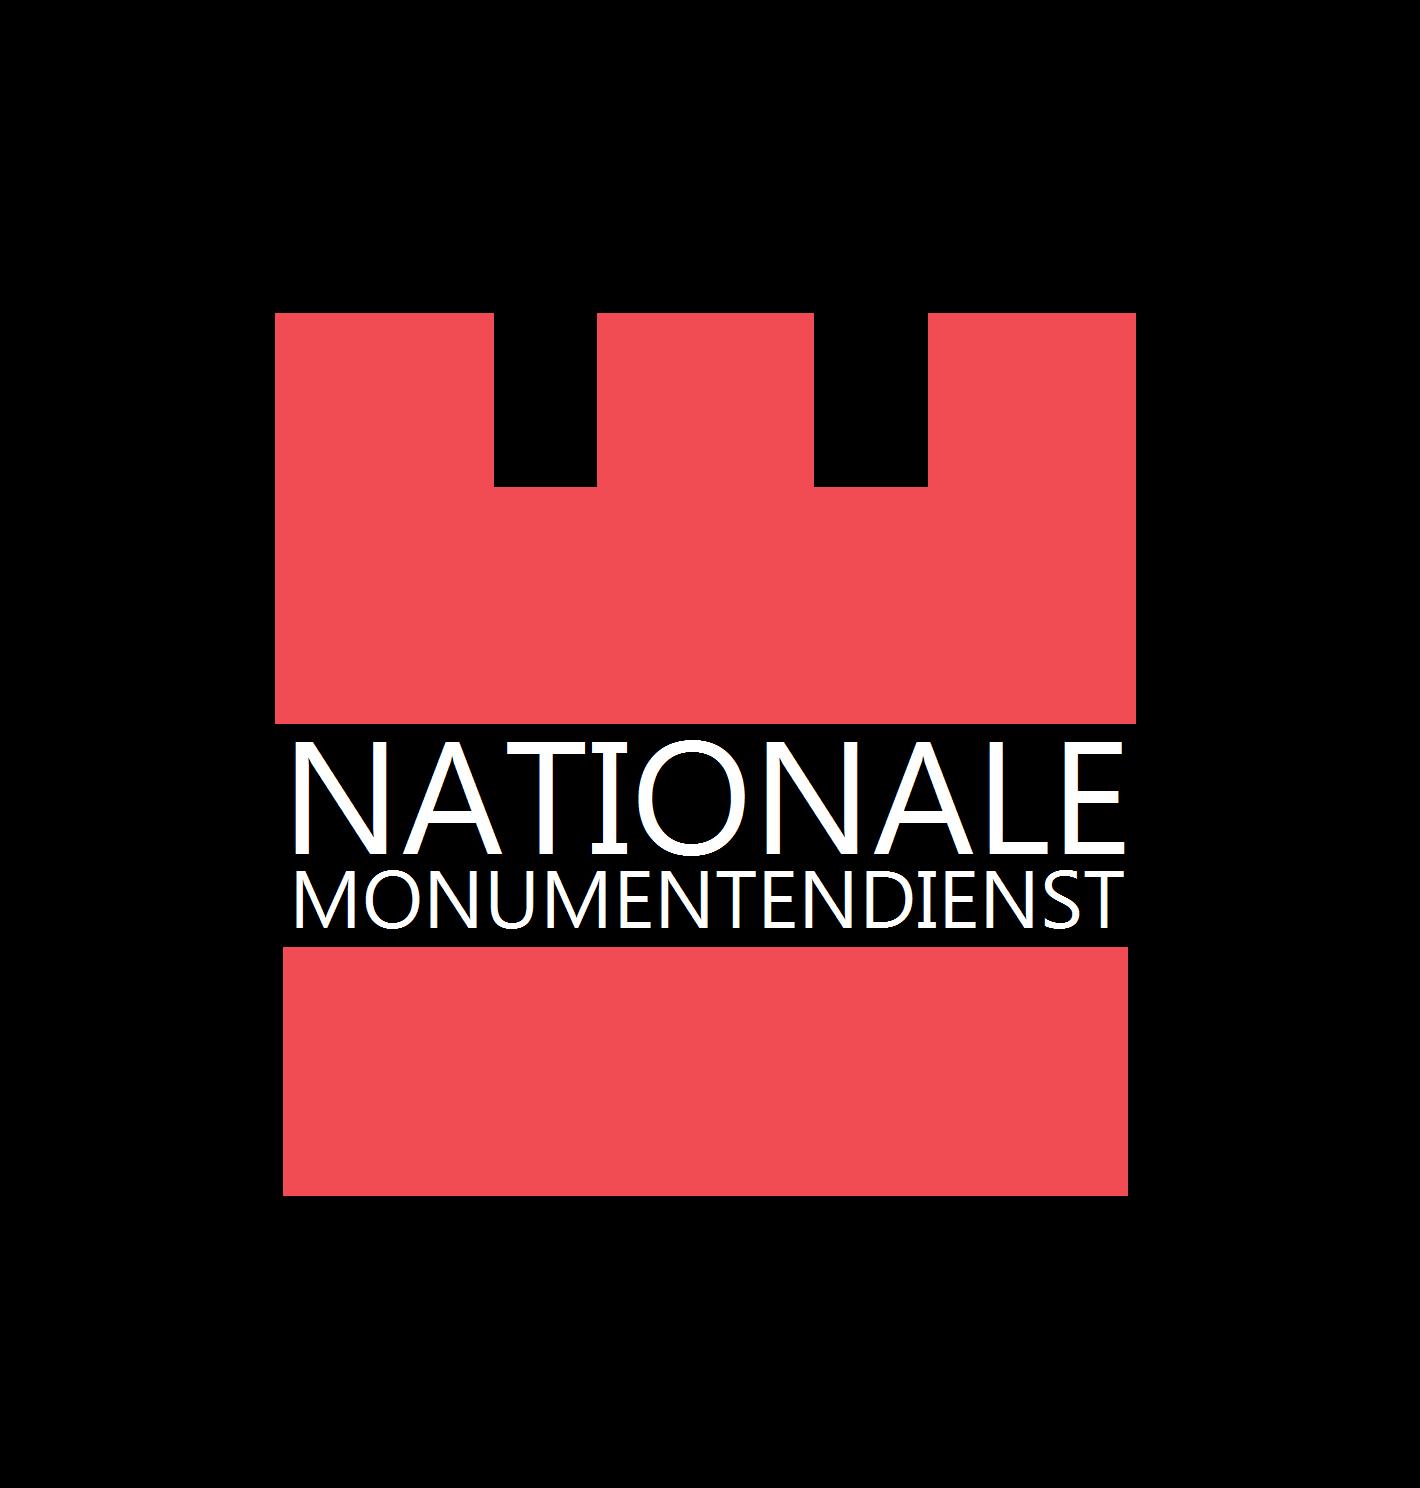 monumentendienst